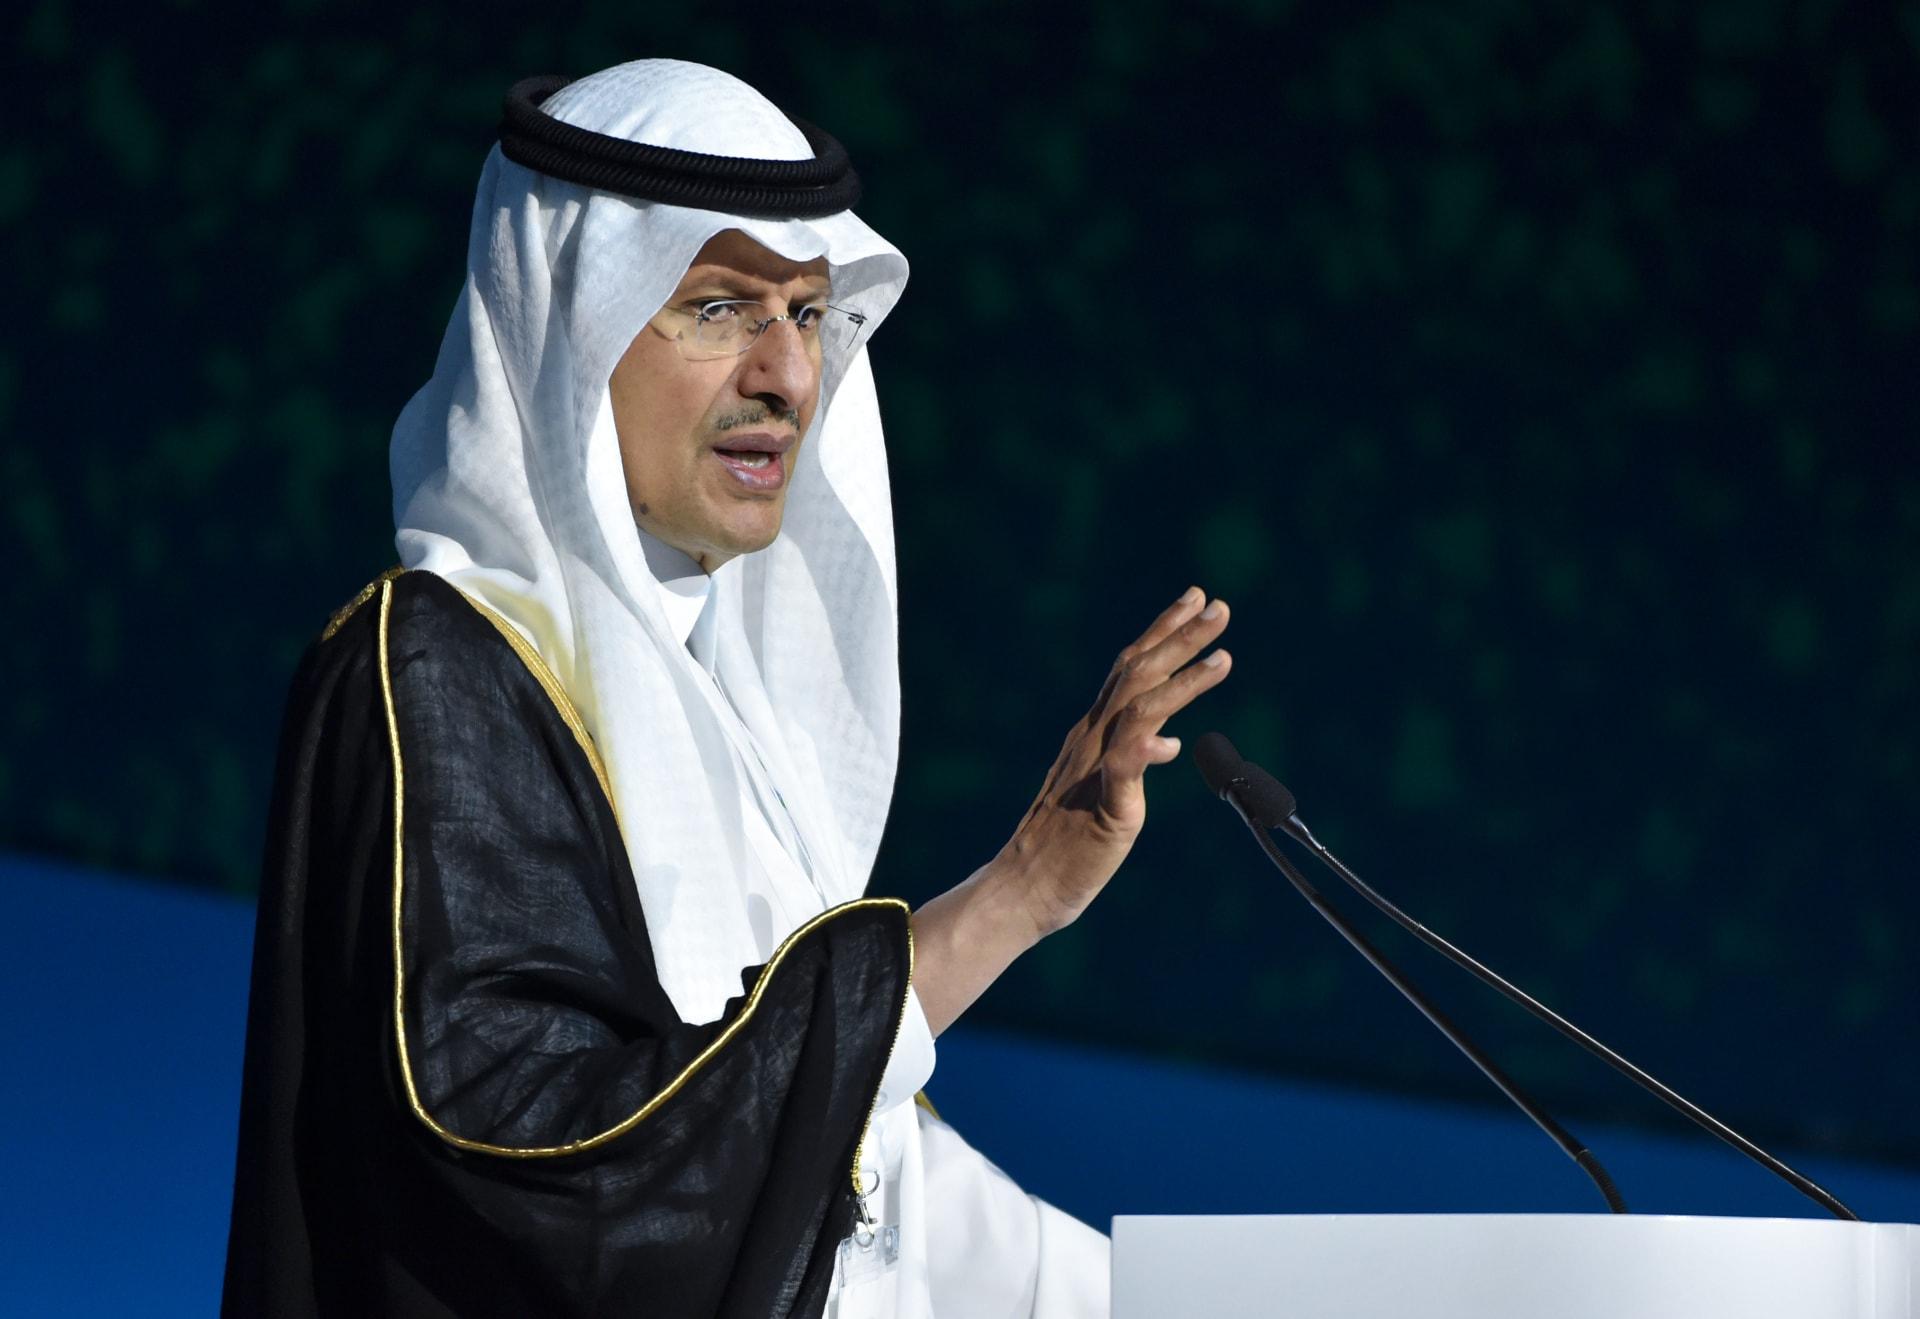 صورة أرشيفية لوزير الطاقة السعودي الأمير عبدالعزيز بن سلمان فبراير 2020